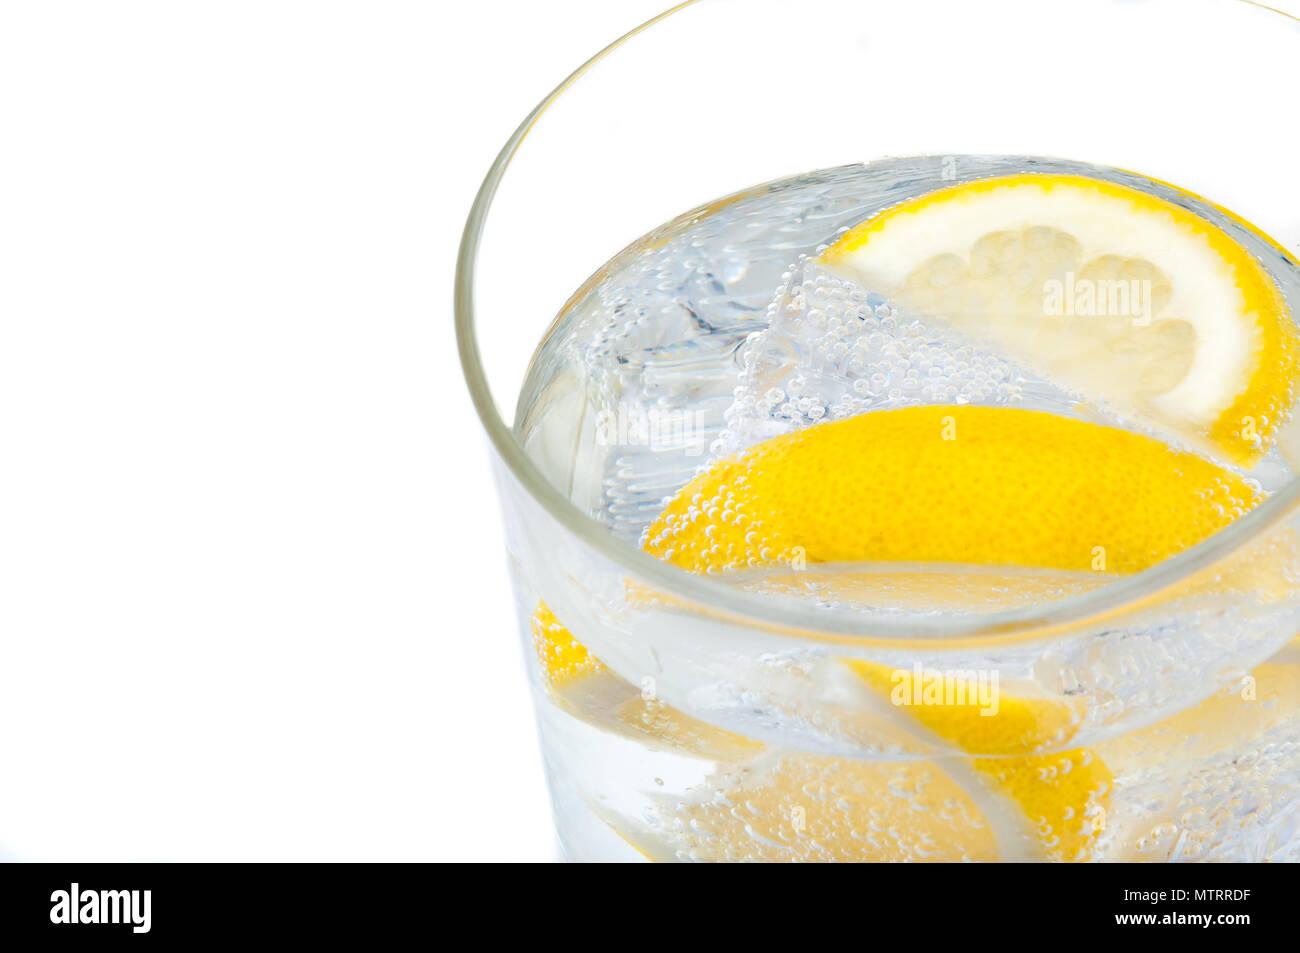 Un bicchiere di vetro con acqua cristallina, limone e cubetti di ghiaccio. Immagini Stock